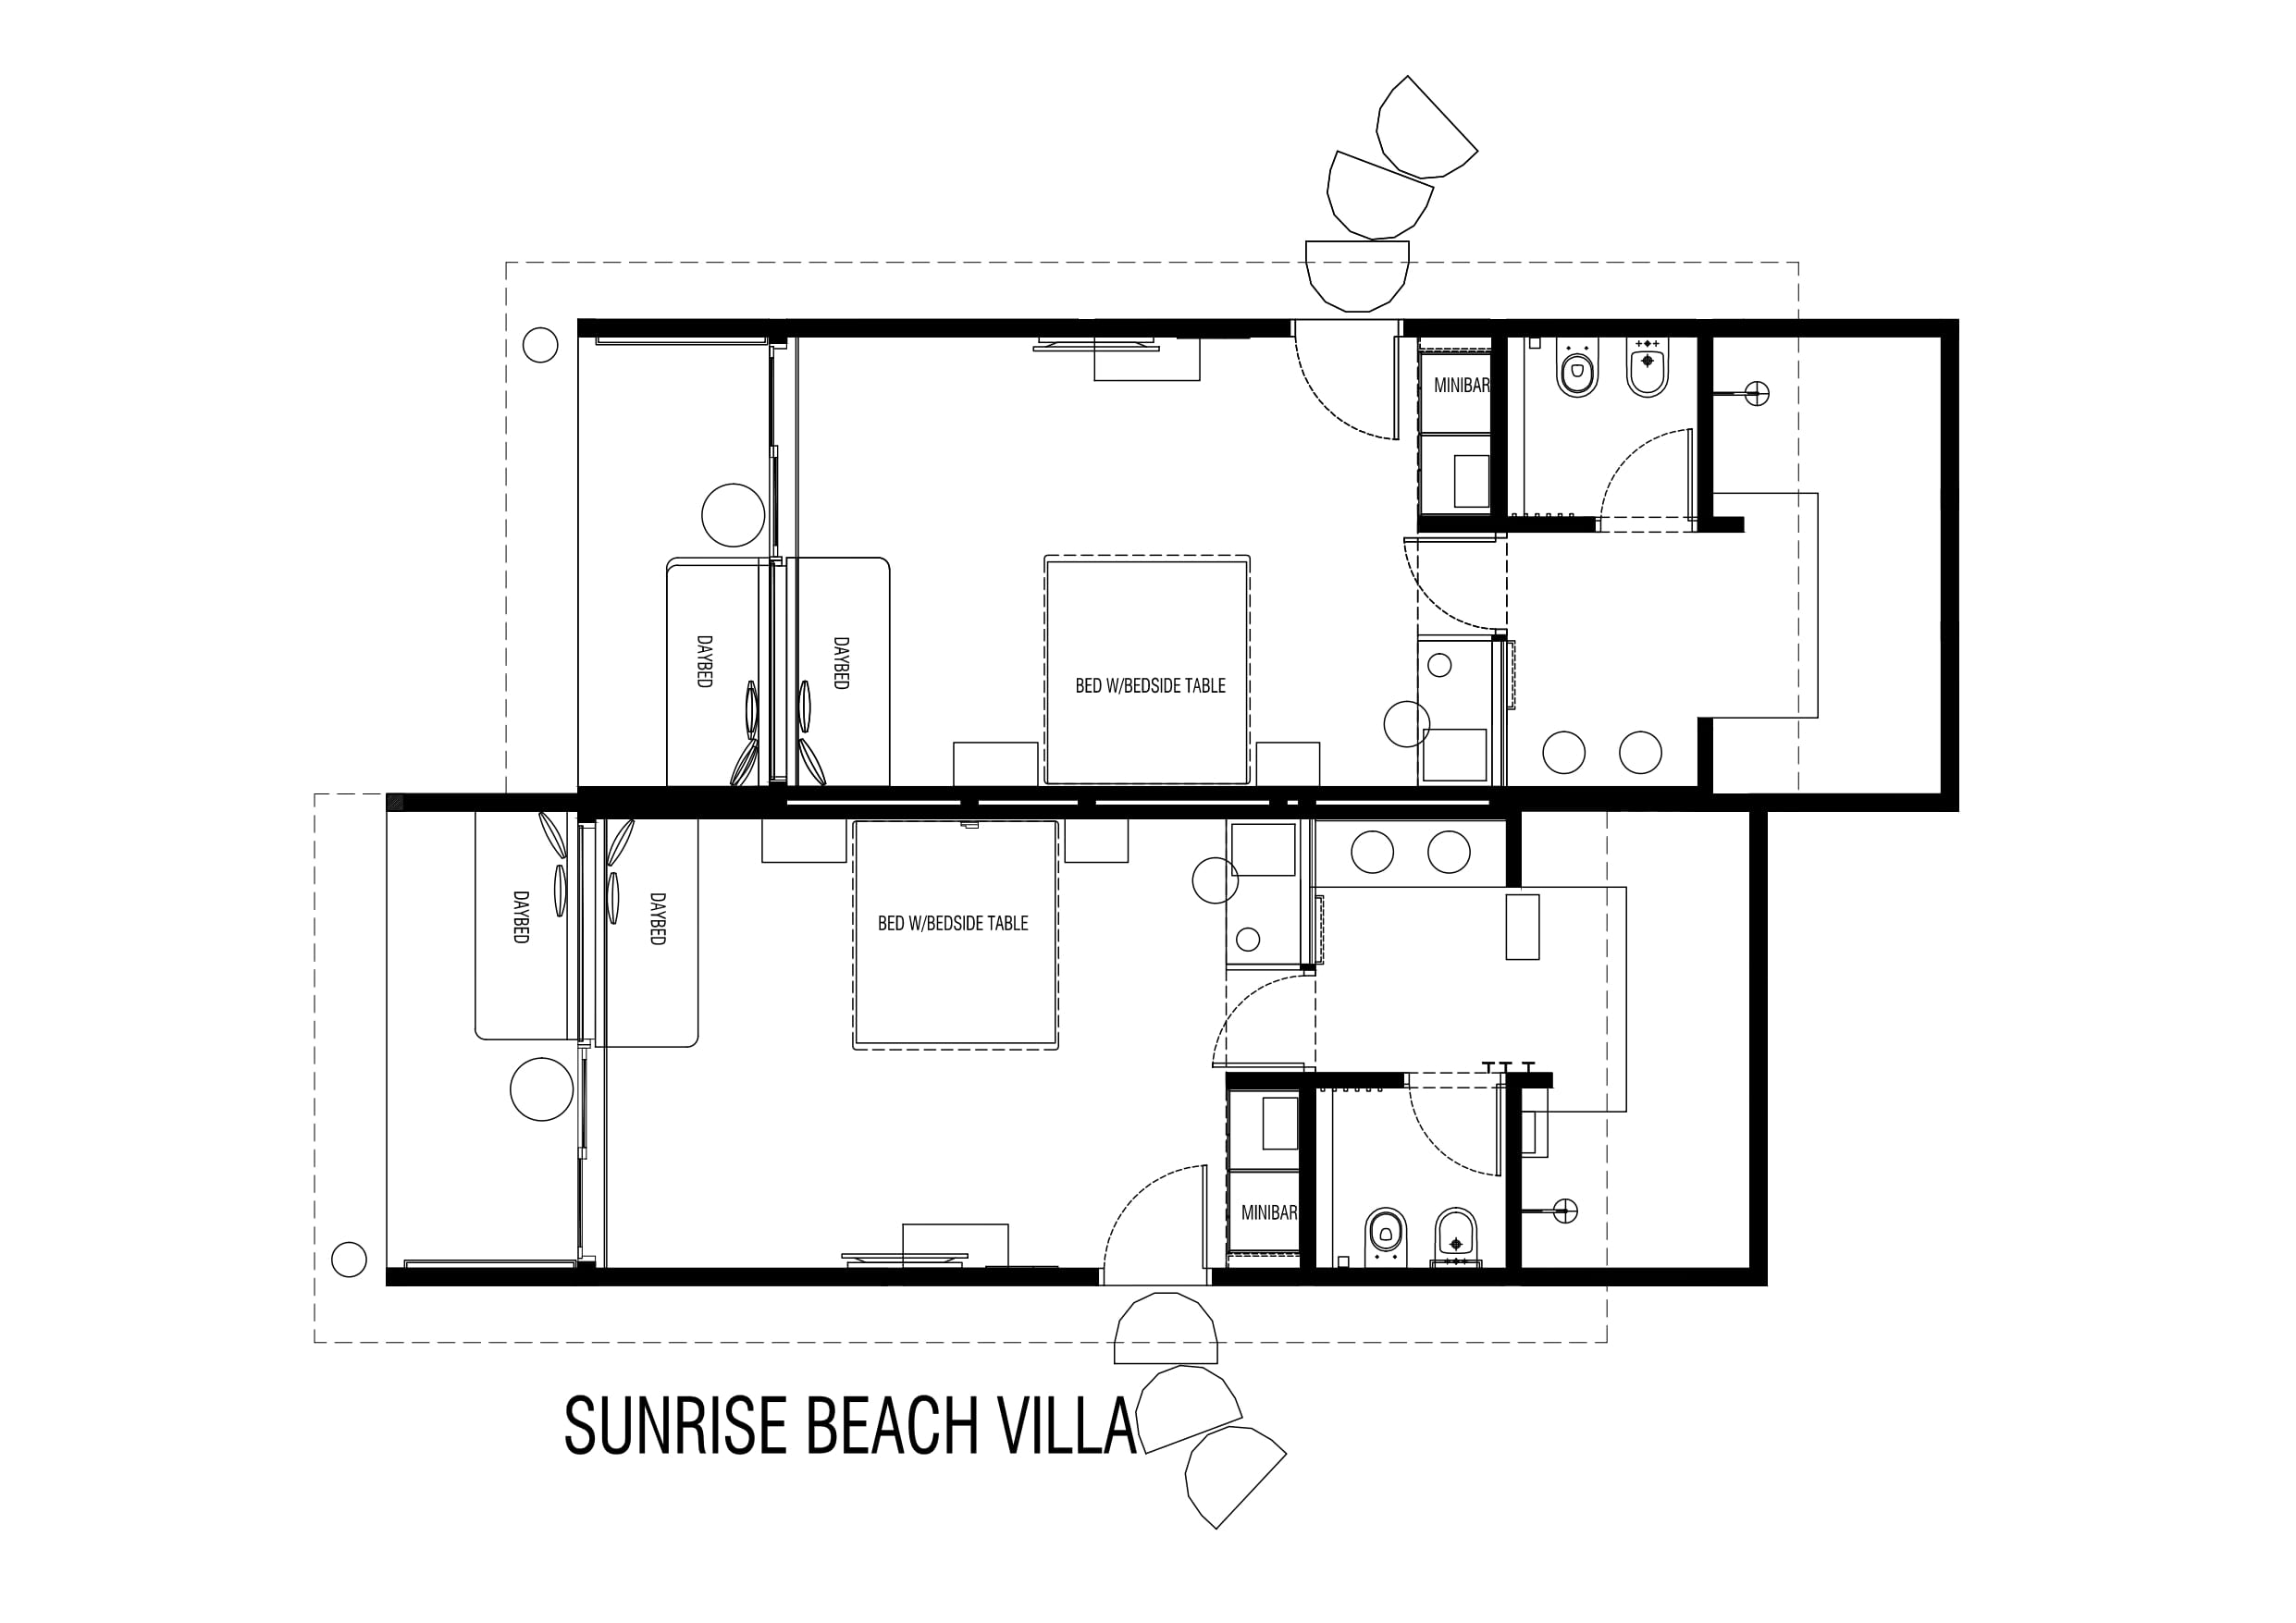 Мальдивы, отель Cocoon Maldives, план-схема номера Beach Villa